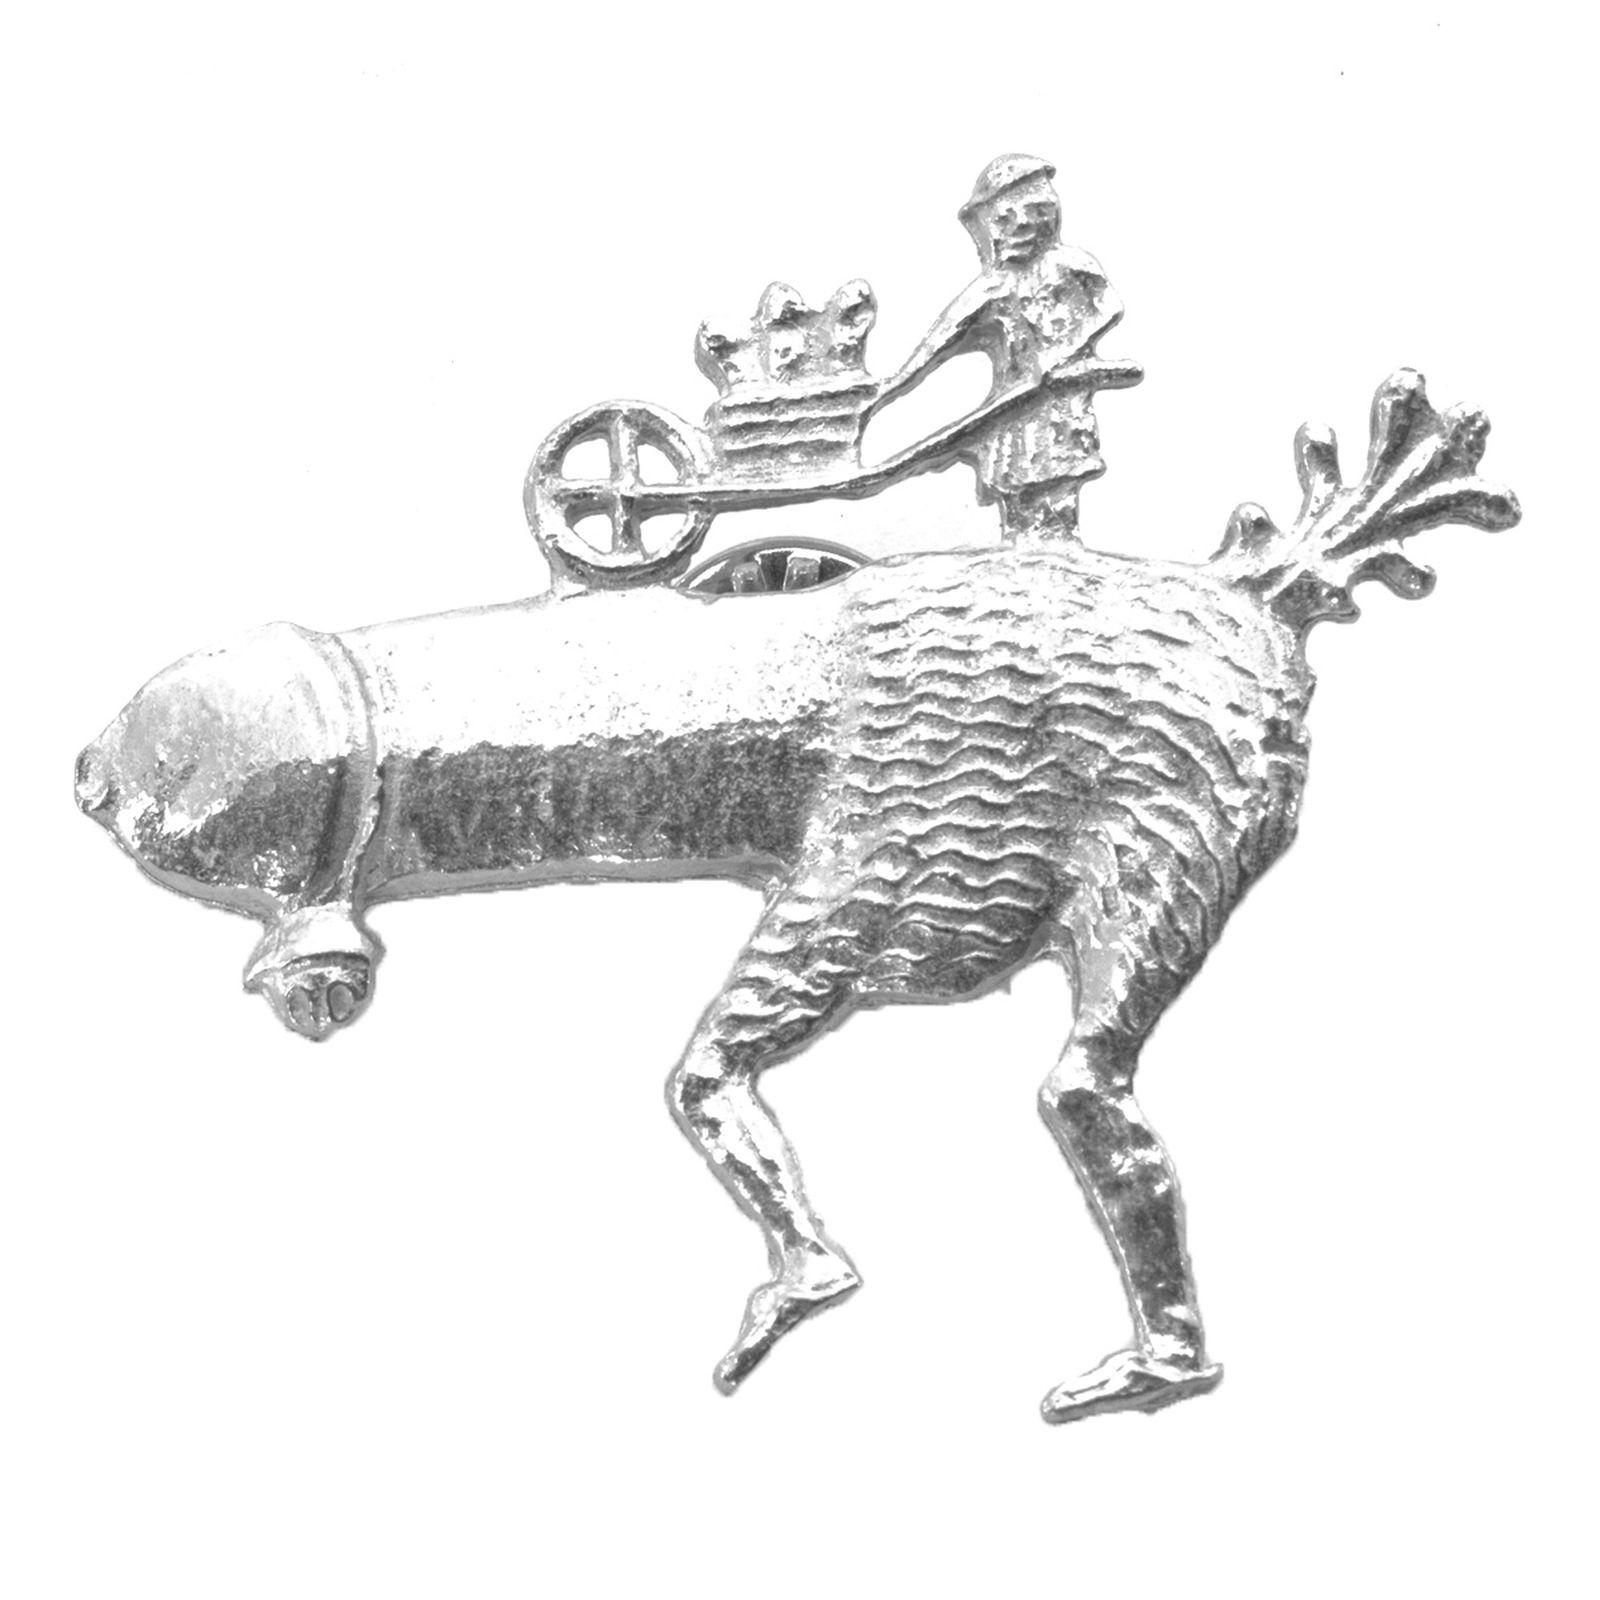 Juokseva fallos, kulkusella ja kottikärryillä joissa lisää falloksia 1400-1450 luvuilta tinapinssi